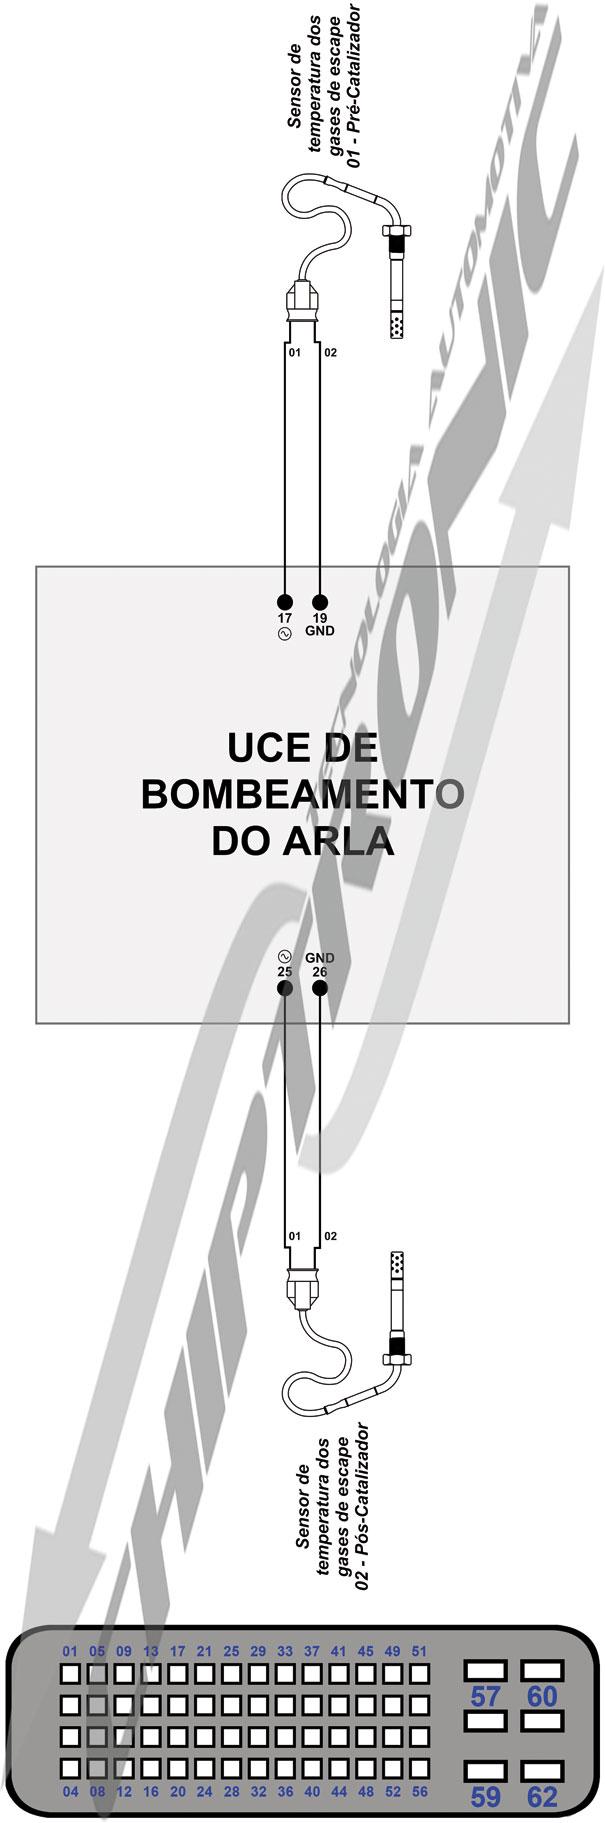 Esquema elétrico da UCE do módulo de bombeamento